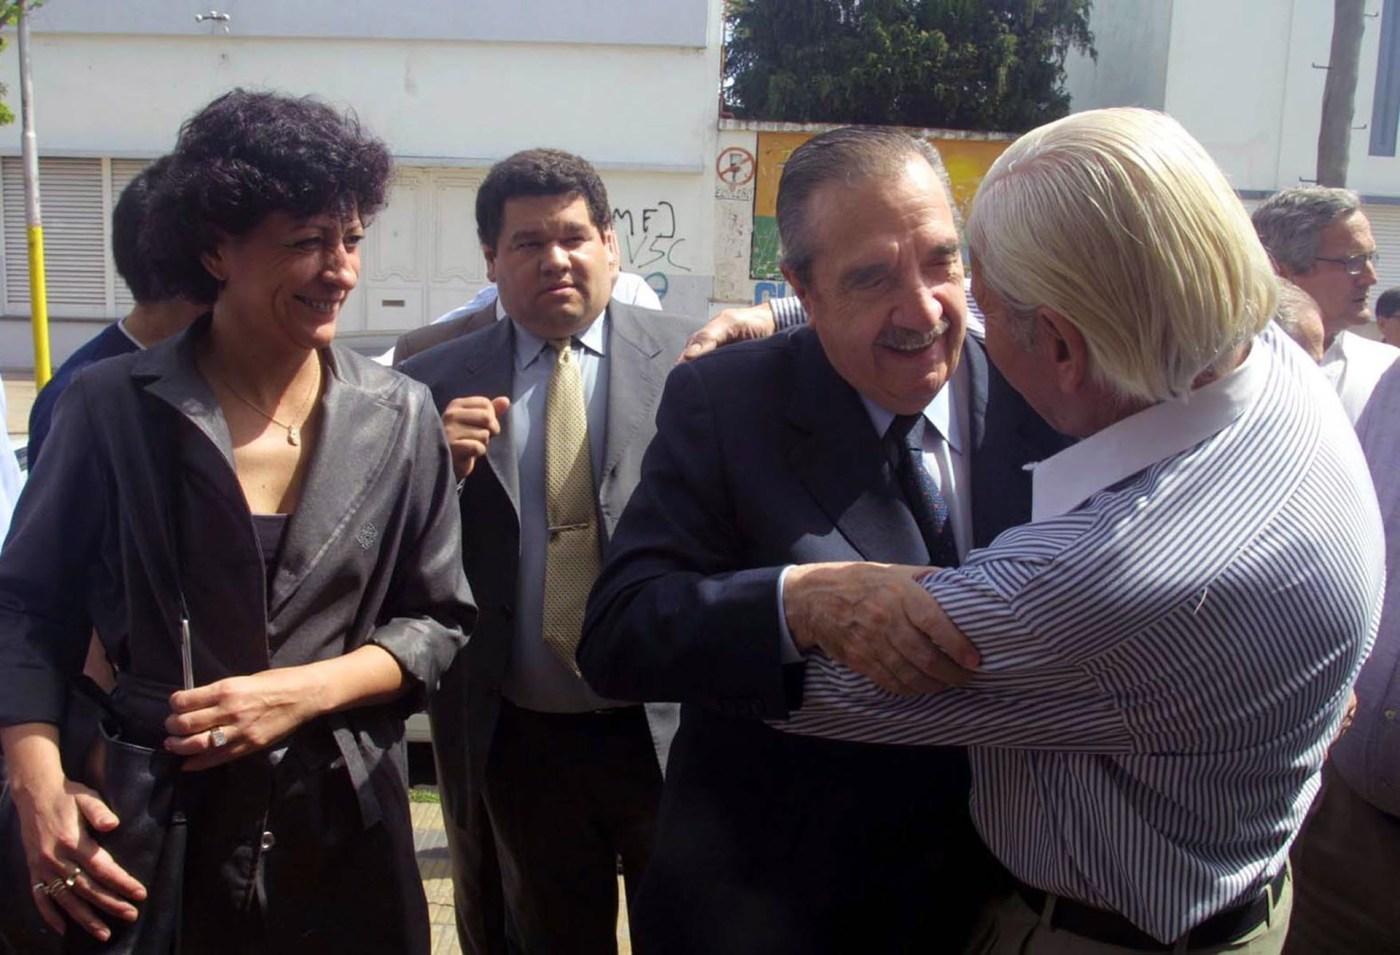 En campaña, junto aDiana Conti, candidata a diputada por la Alianza, reciben el saludo de un simpatizanteen la localidad de Berisso